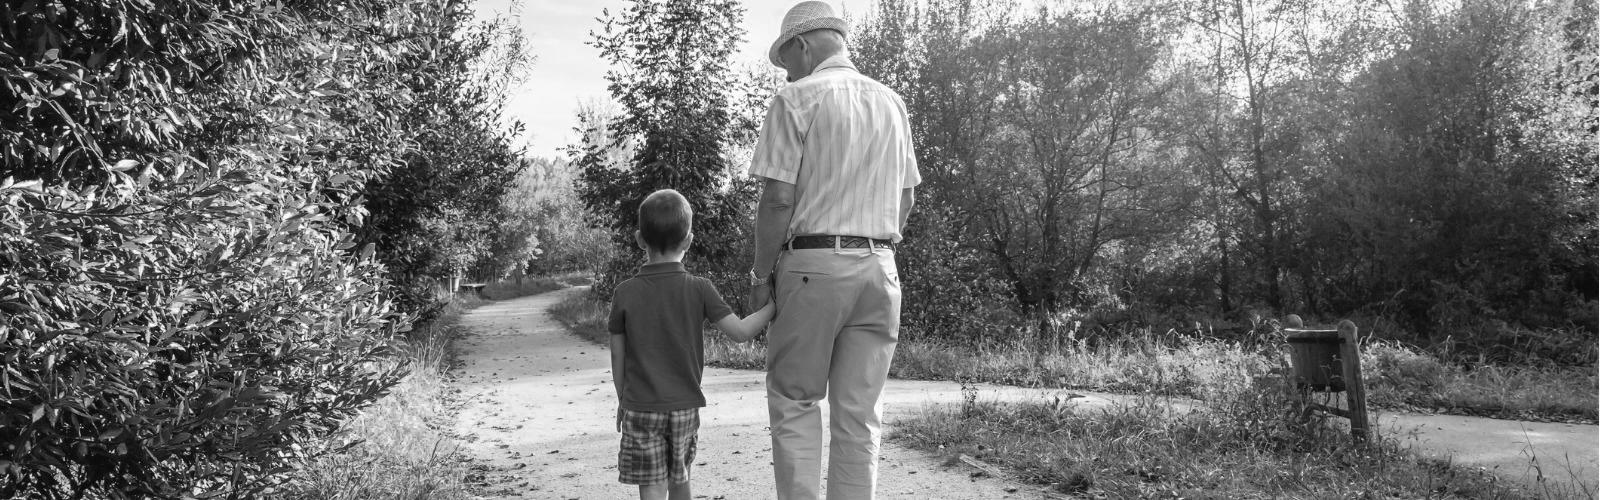 elderly man walking with grandson